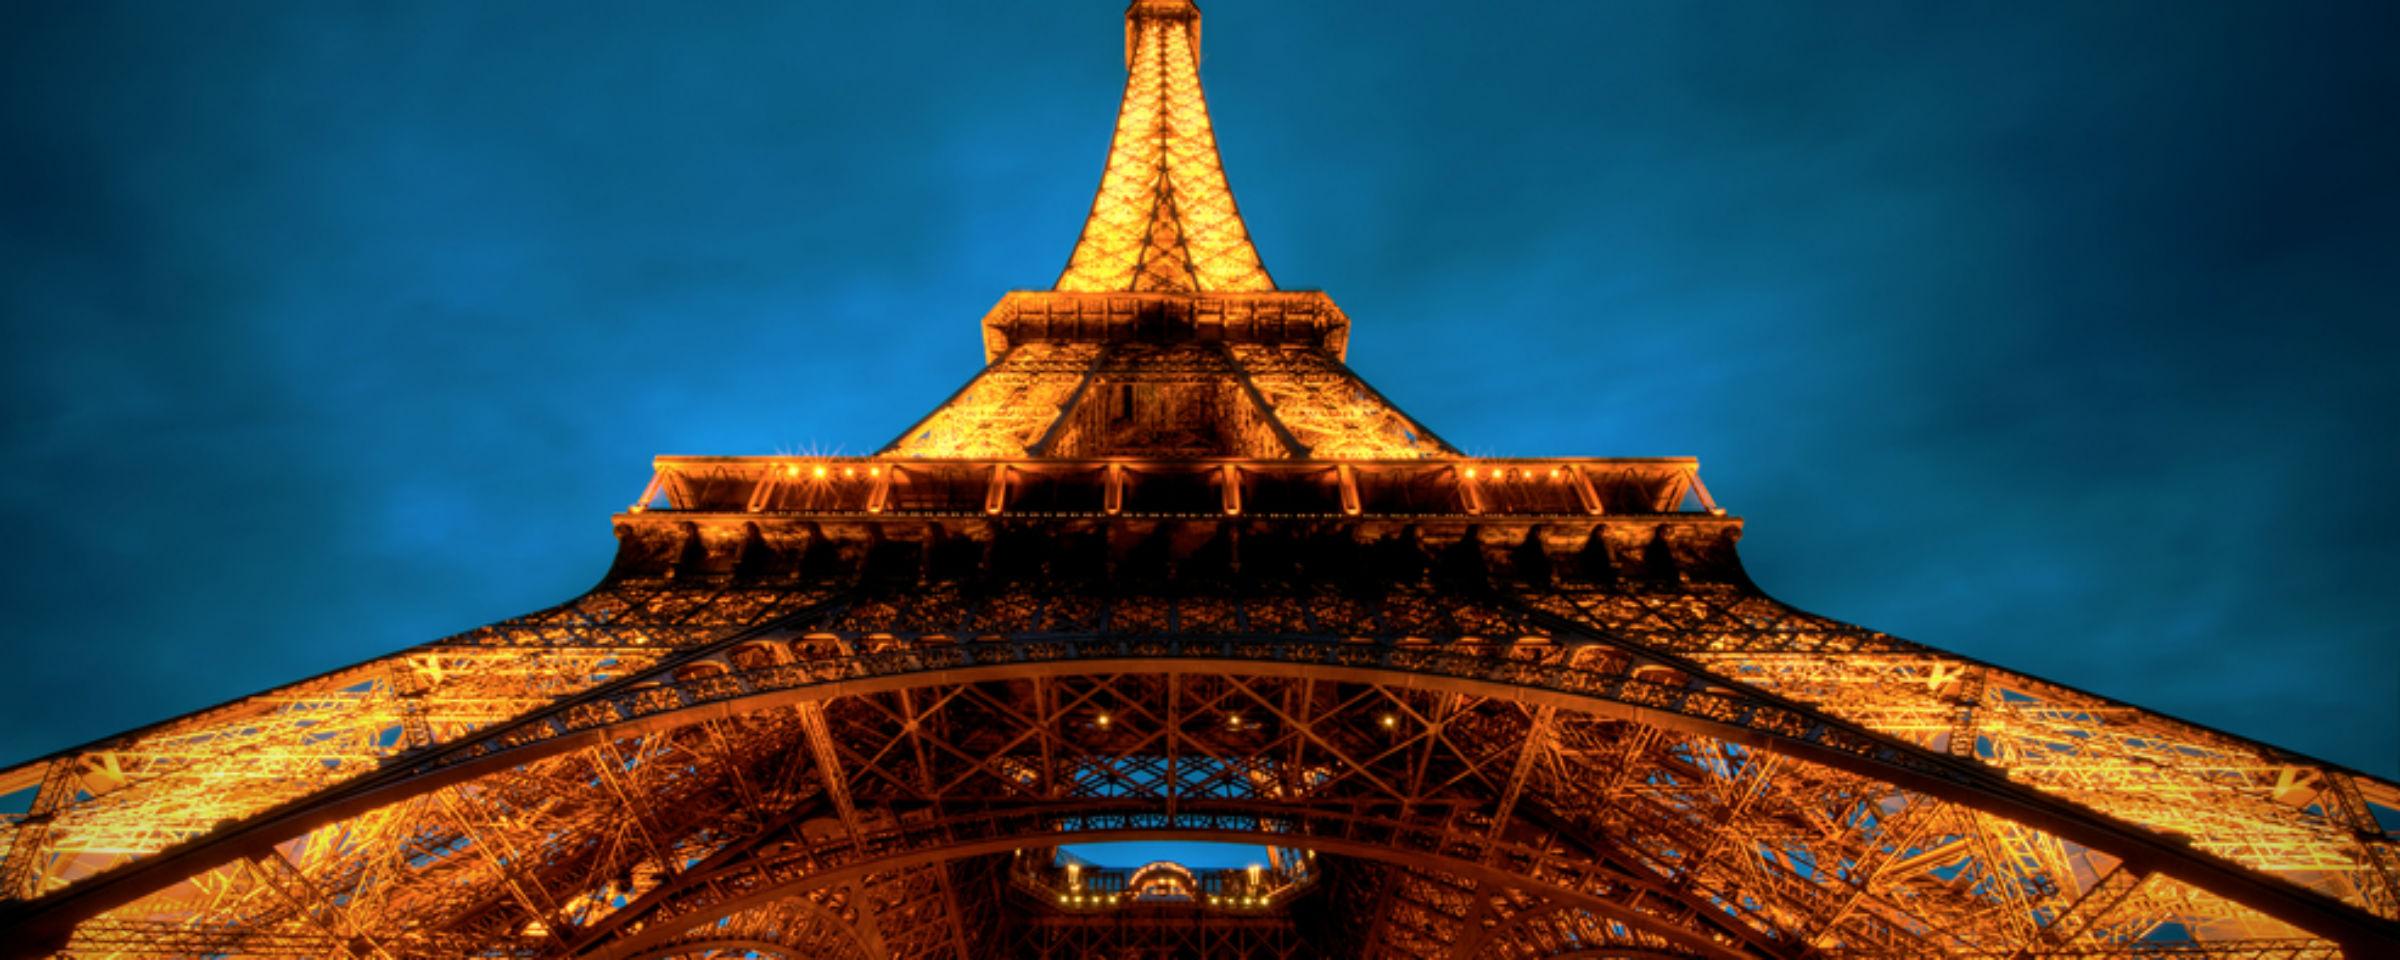 Parijs   750